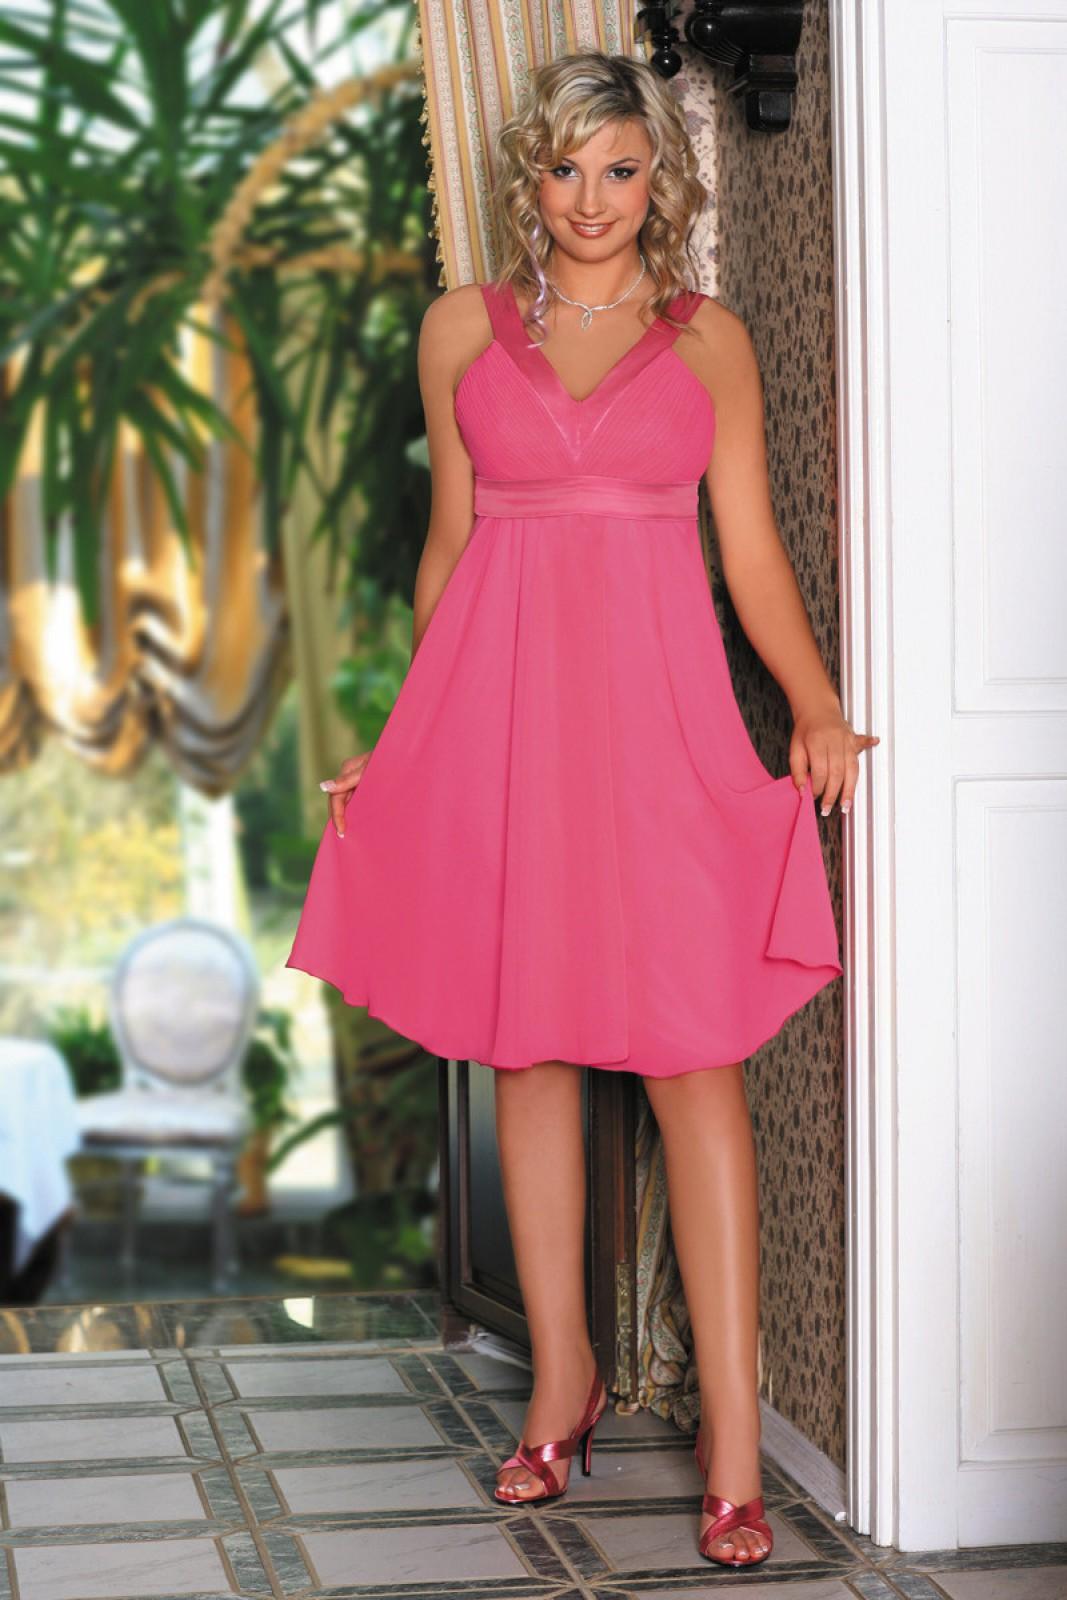 Partykleider amaranth aus luftigem Chiffon mit V-Ausschnitt - ...